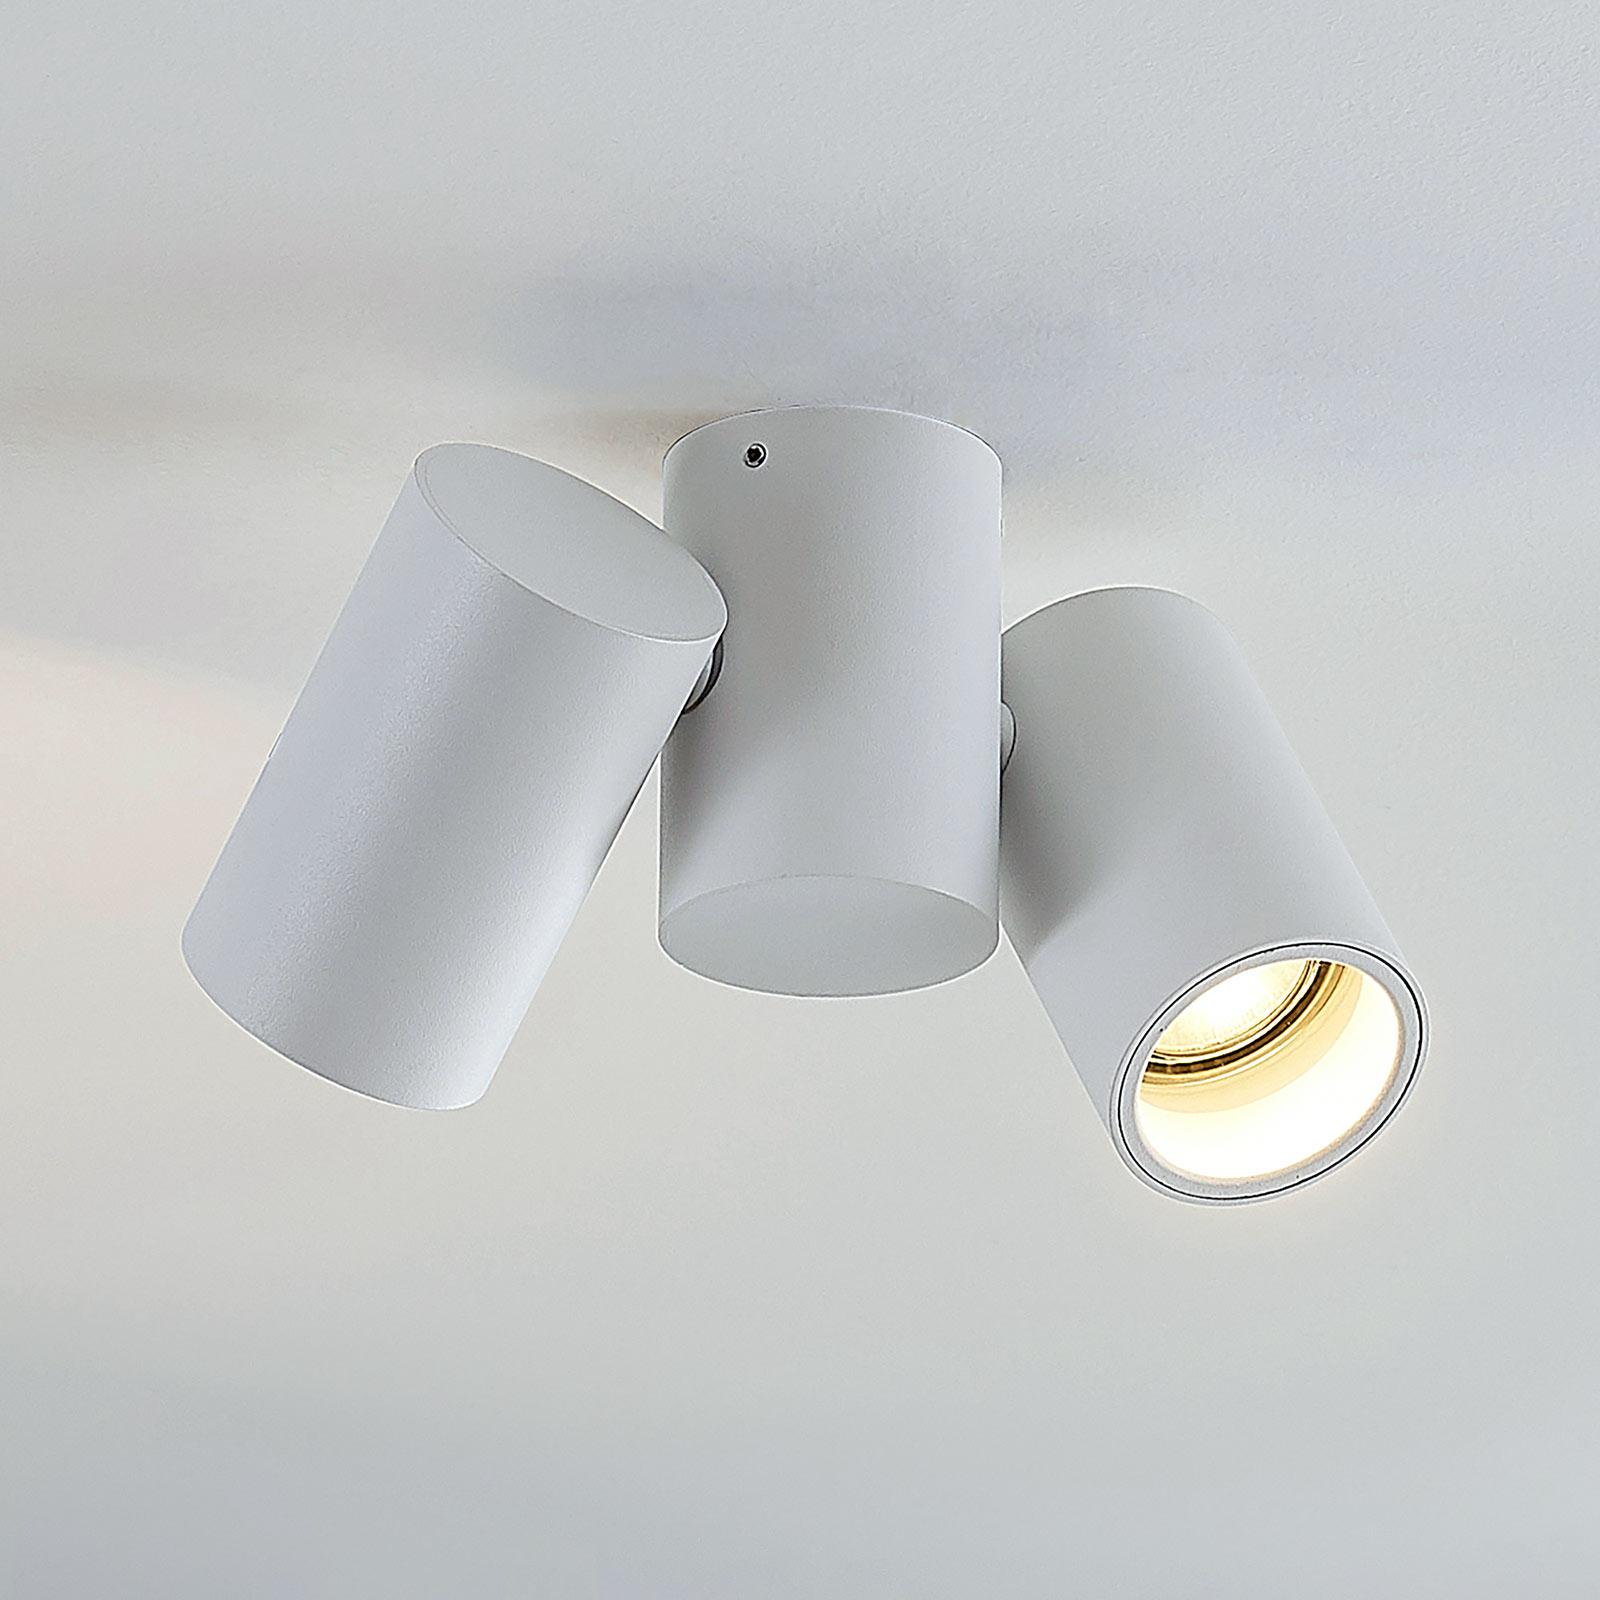 Deckenlampe Gesina, zweiflammig, weiß